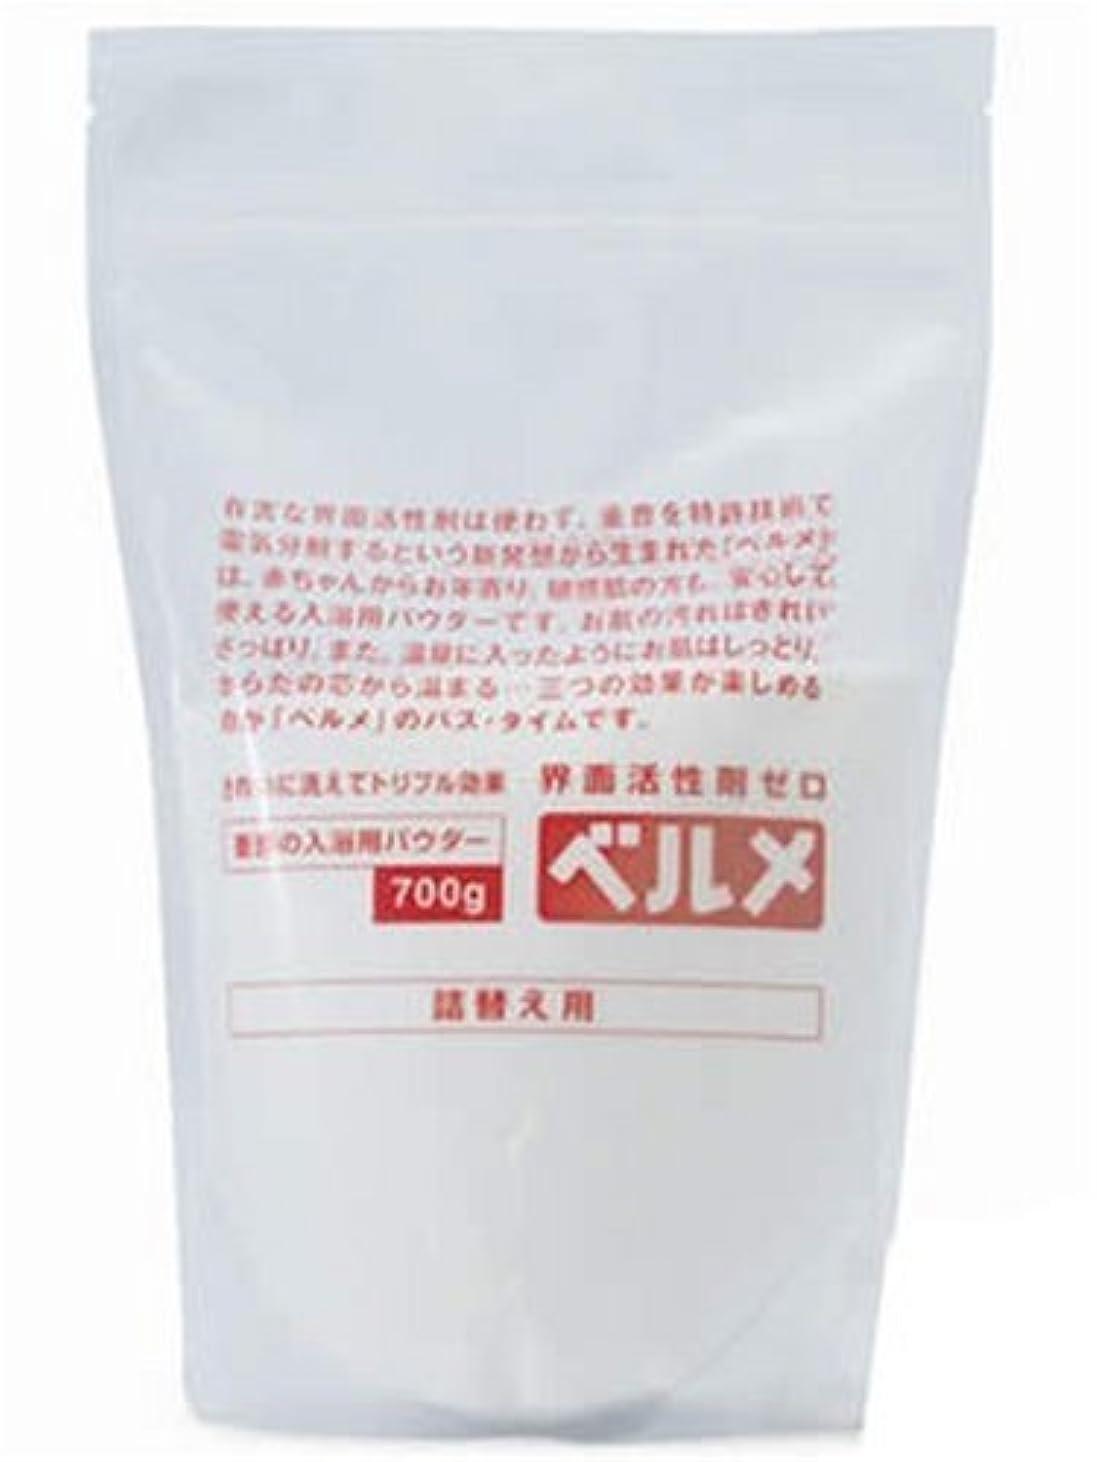 自明クリープランチベルメ 重曹入浴用パウダー(界面活性剤ゼロ) 700g